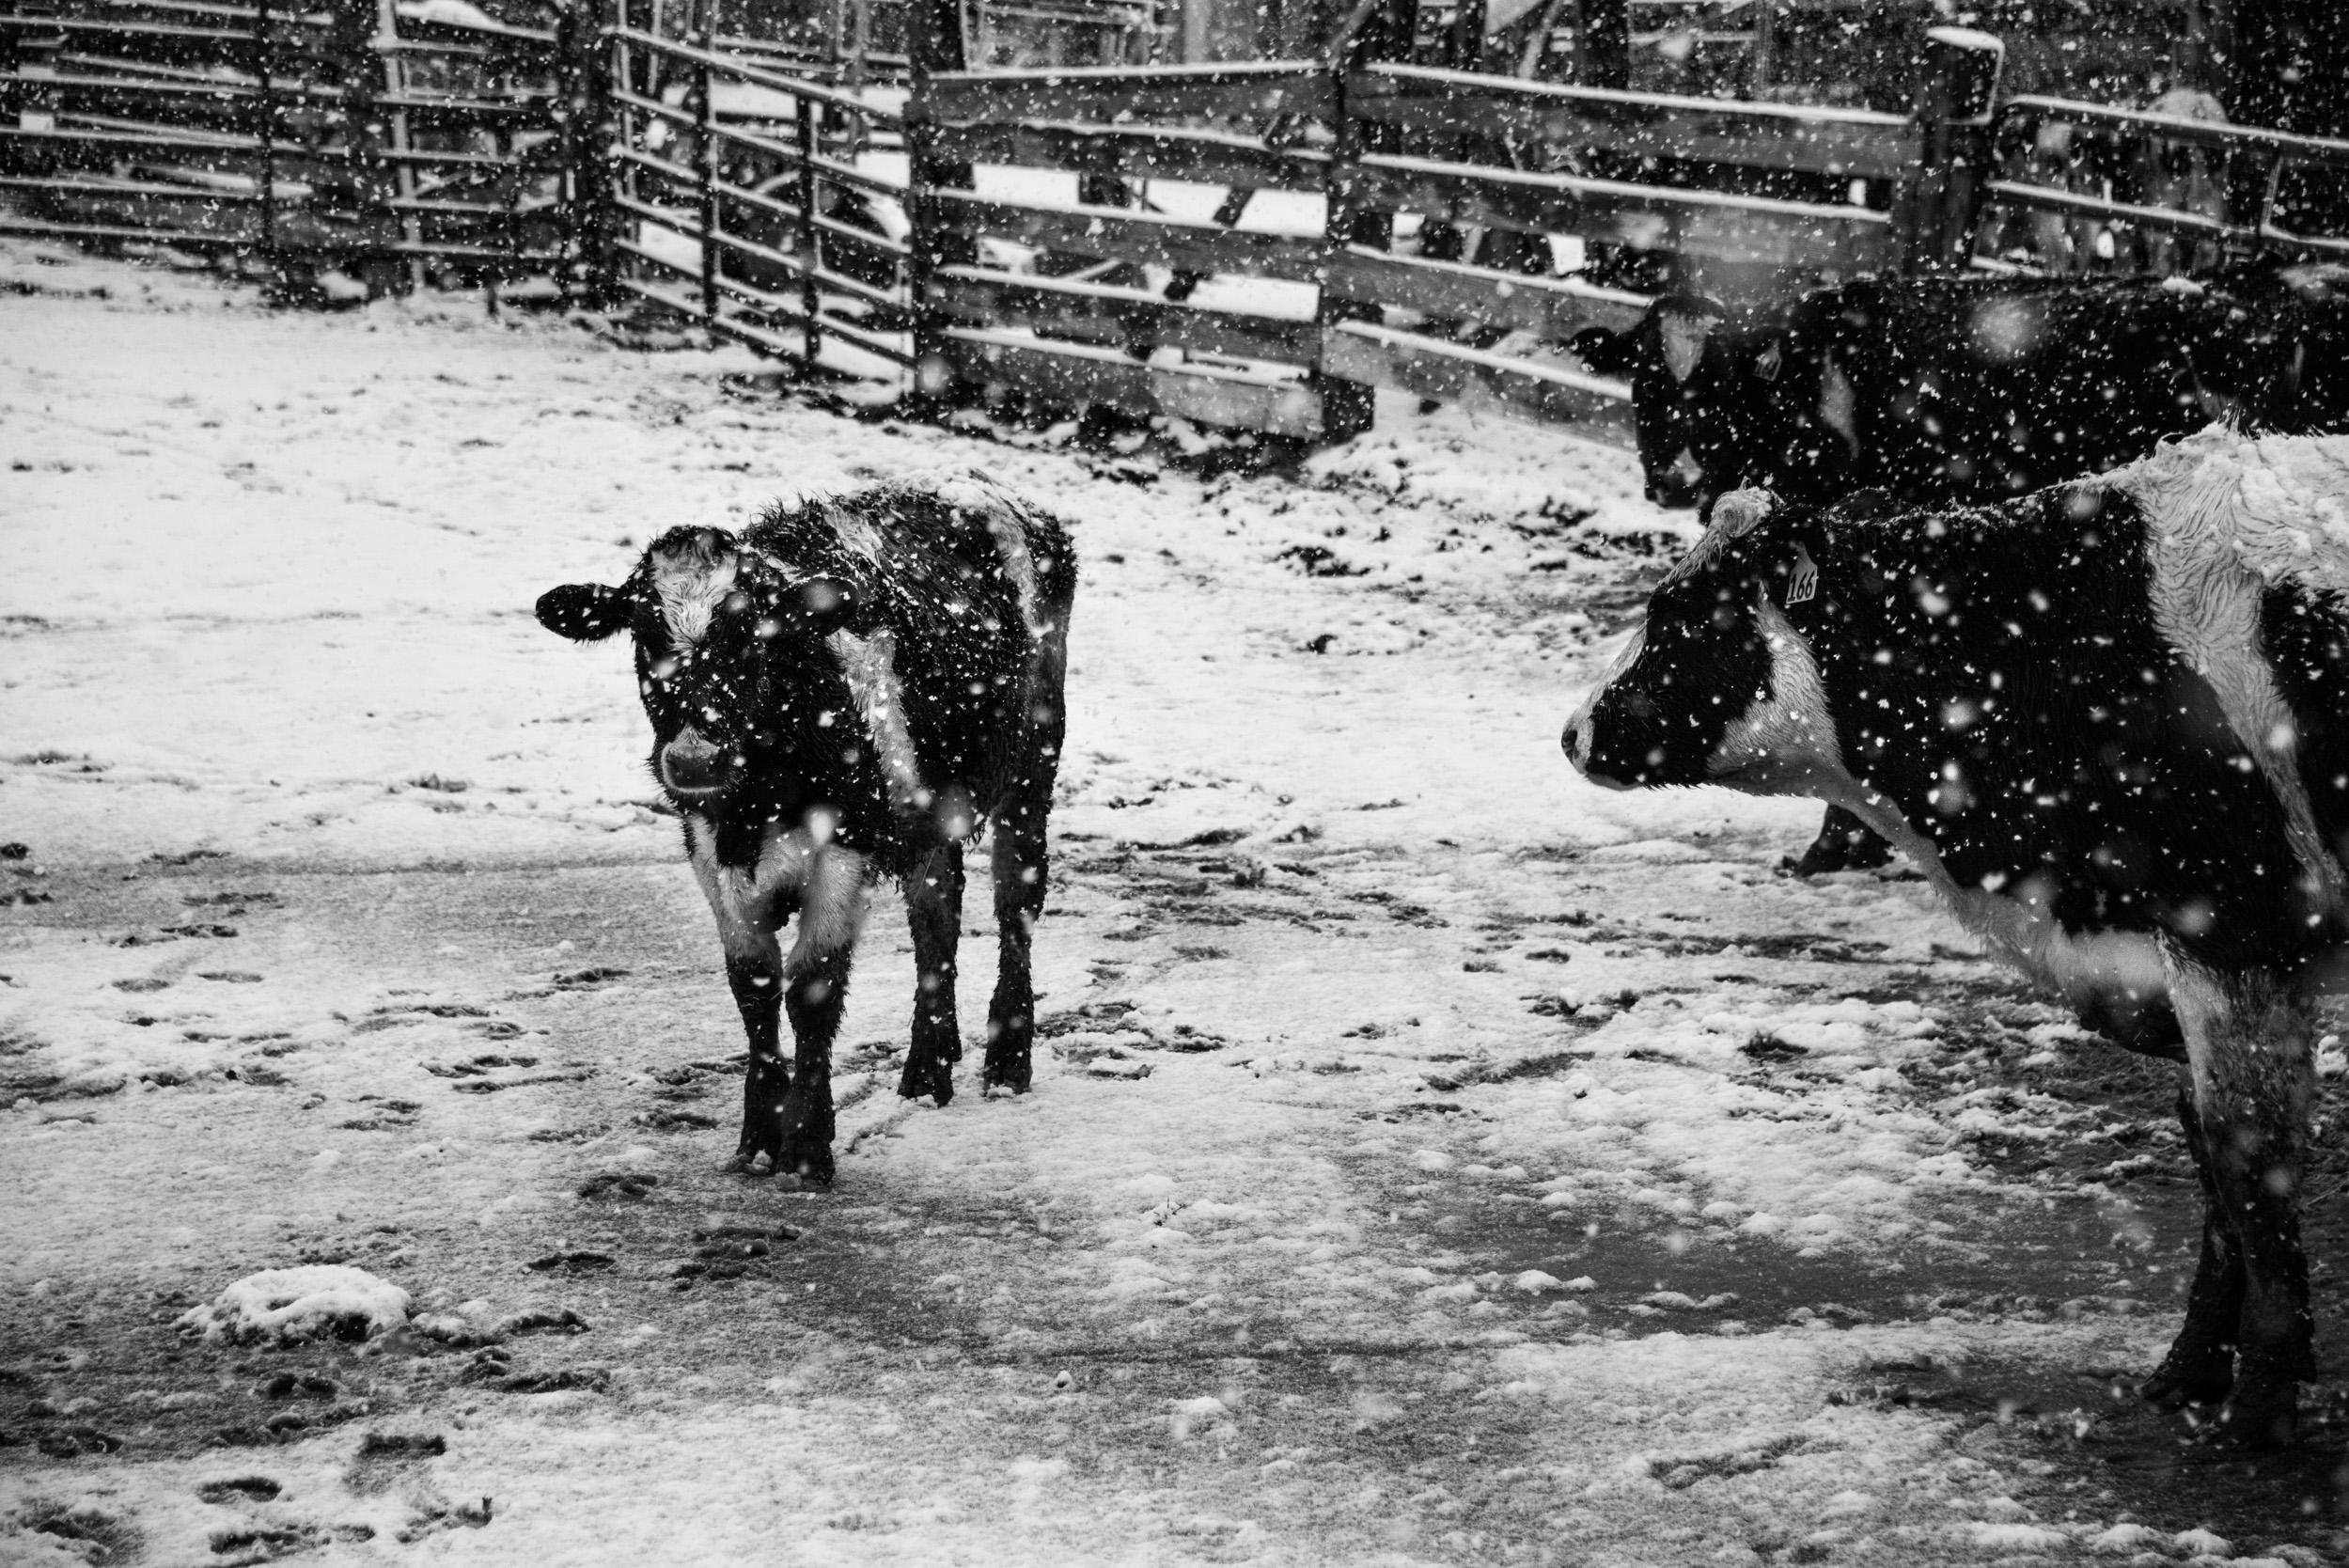 Cows in Snow Storm, Logan, Utah © Robert Welkie 2018